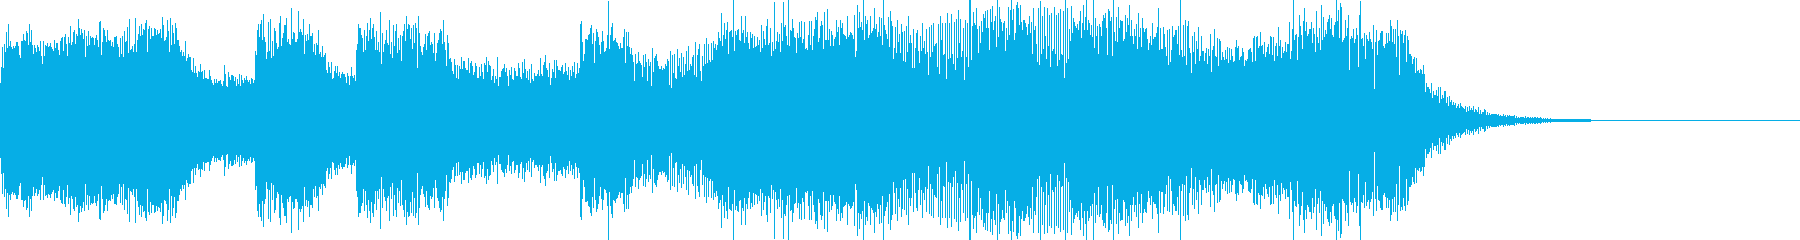 激しいEDMロック・暗い緊張感・ジングルの再生済みの波形